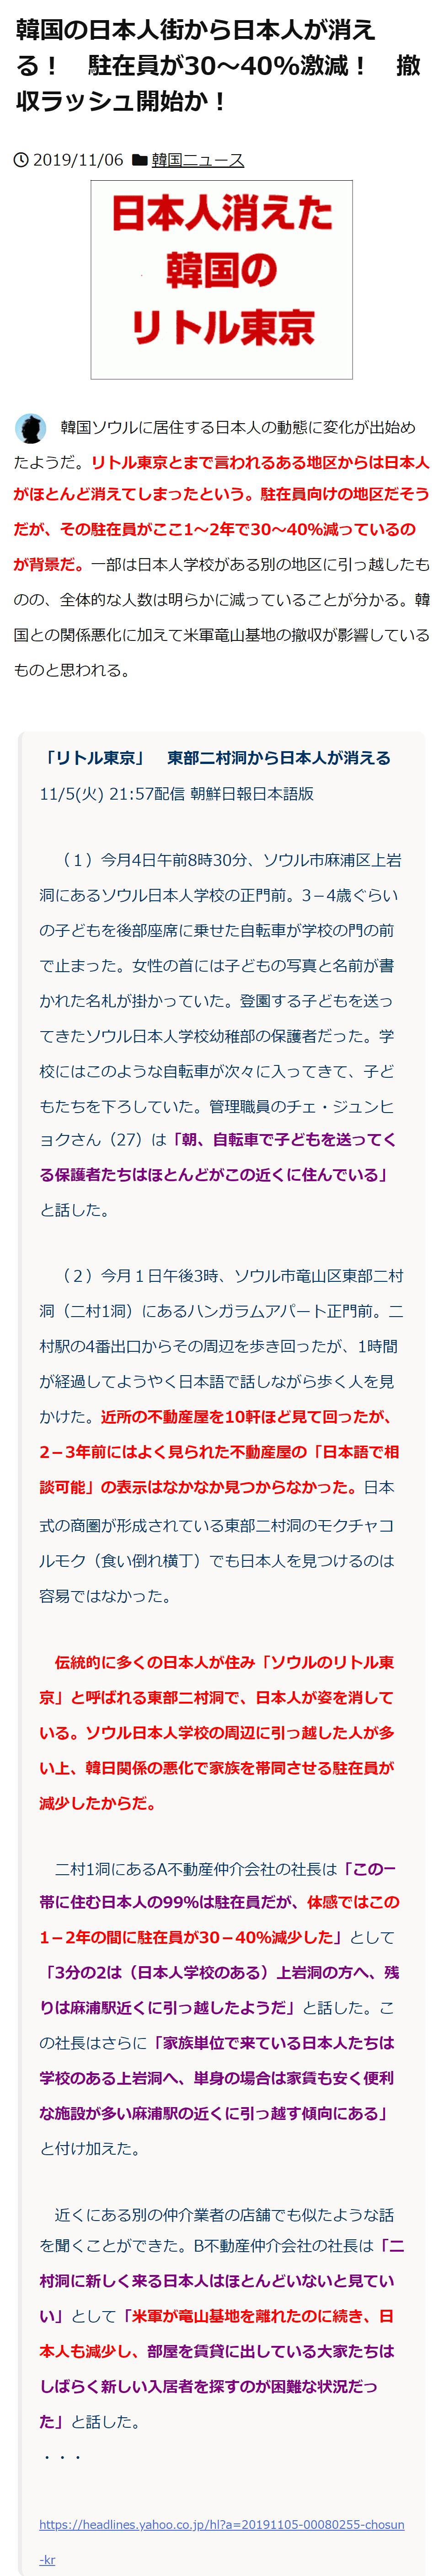 下朝鮮から日本人がいなくなり始めている